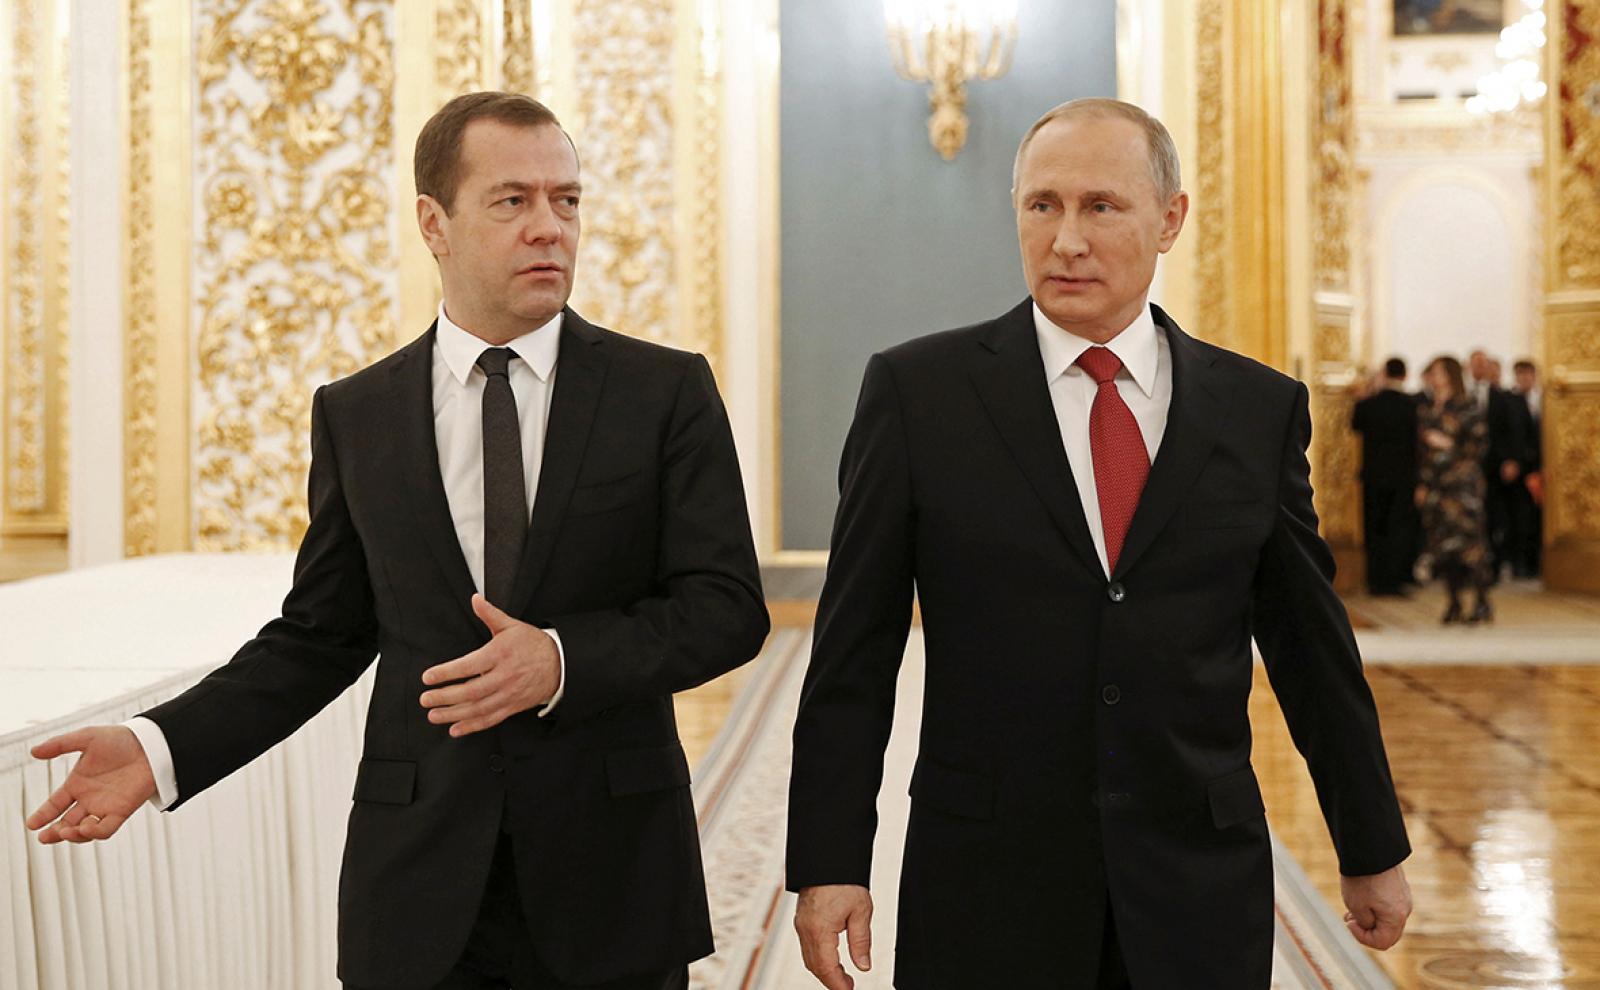 Владимир Путин: Медведев бид хоёрын дунд нууц гэж байхгүй